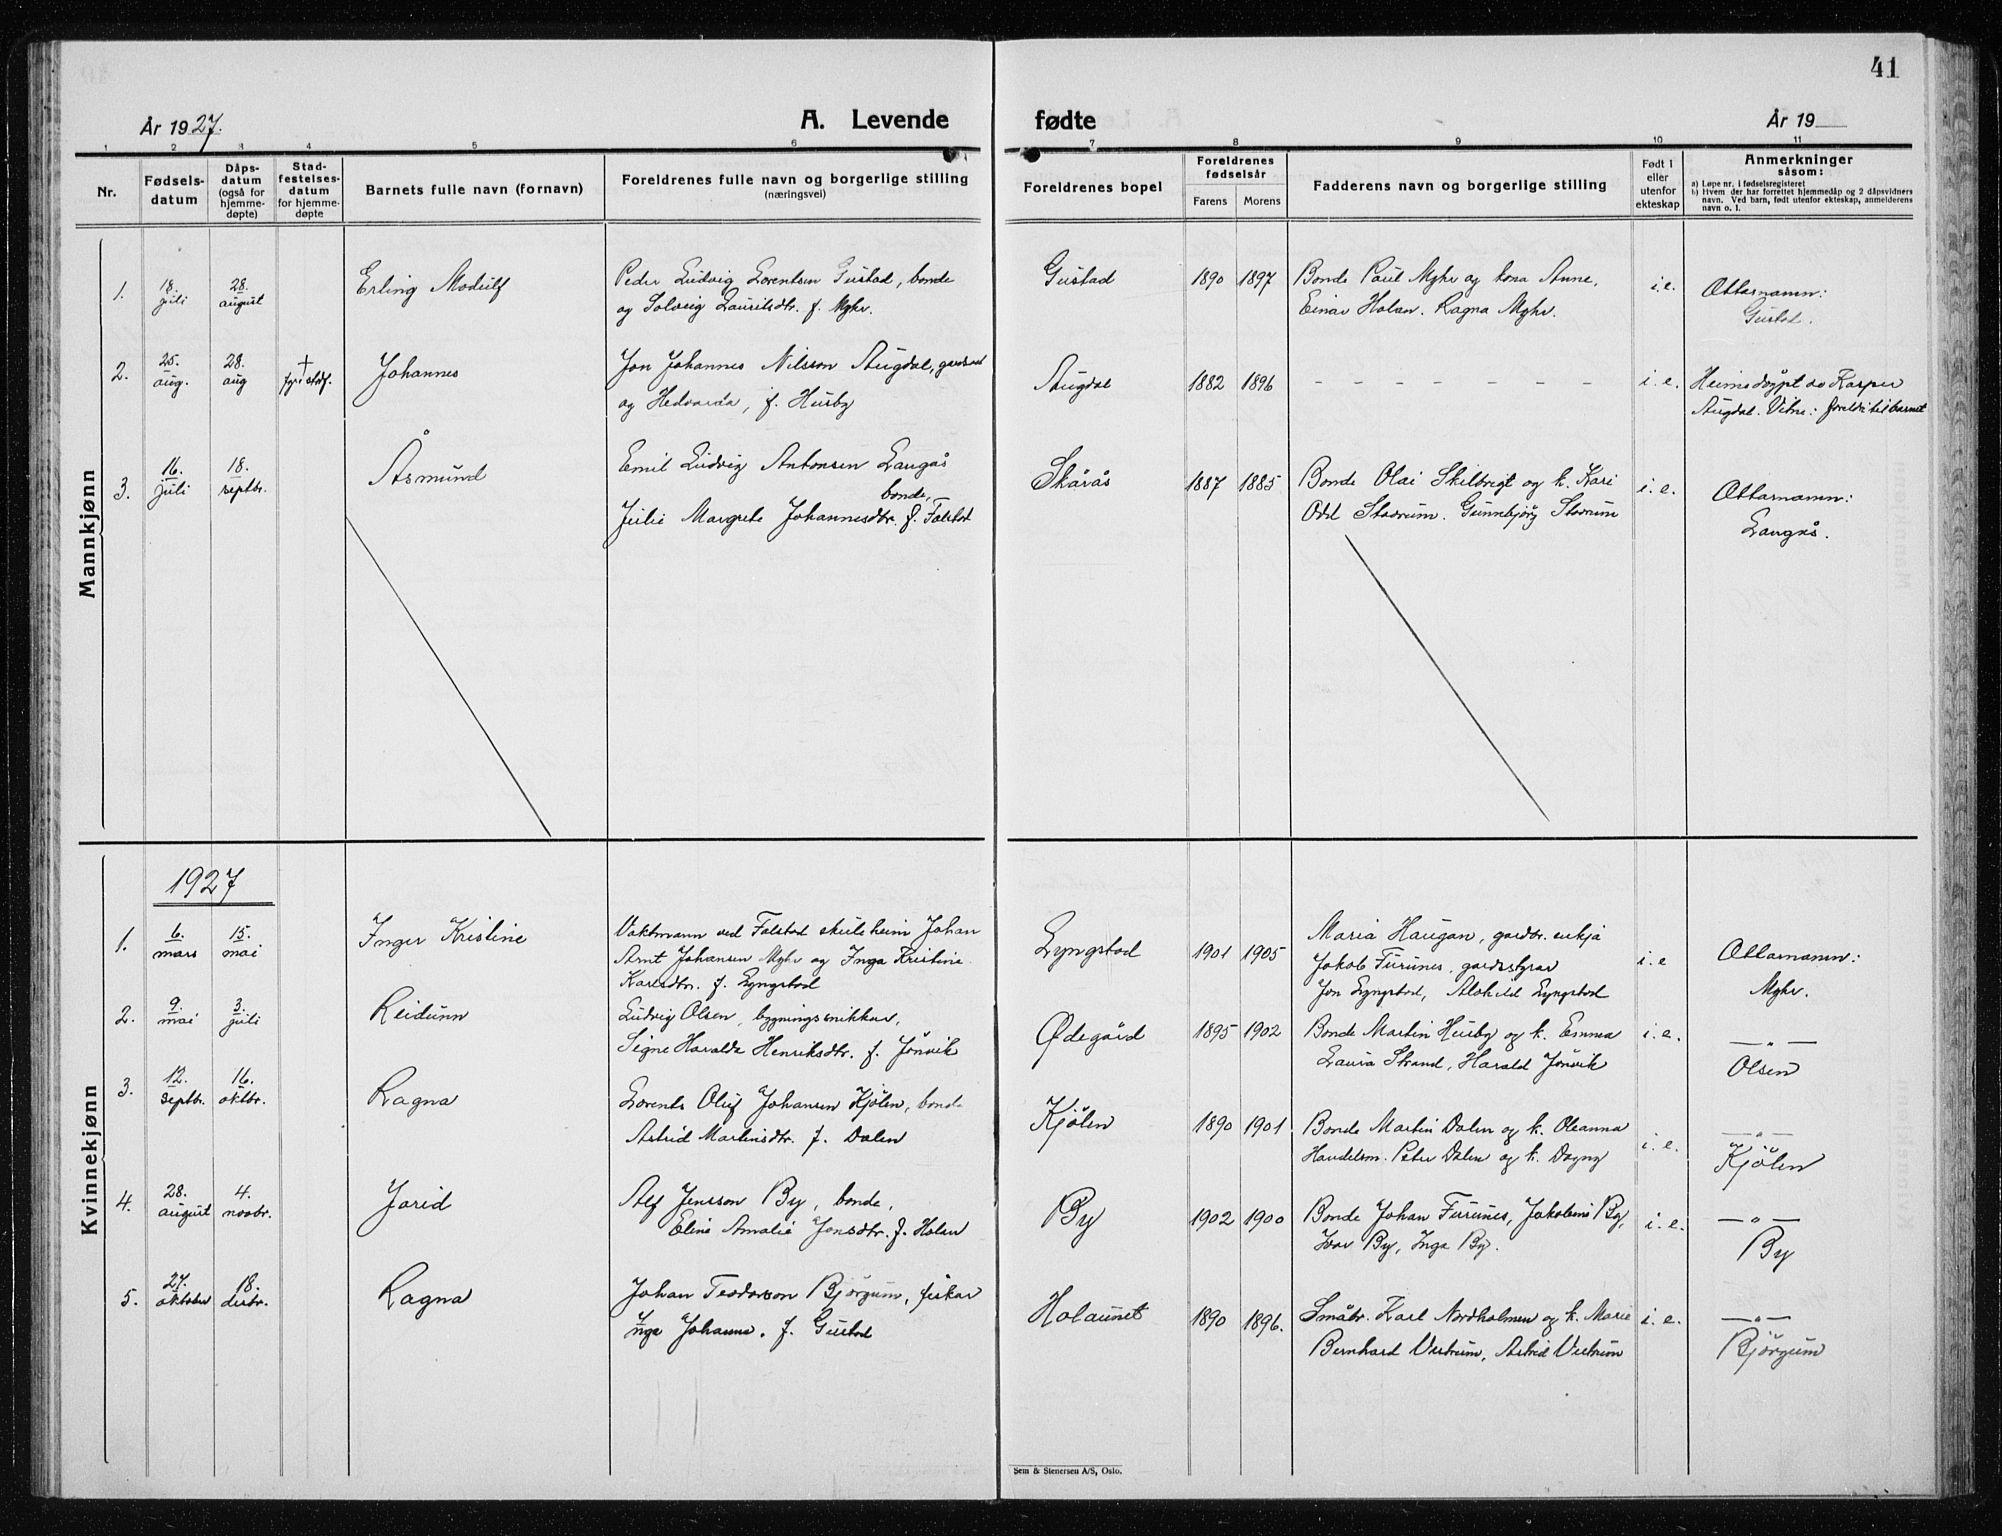 SAT, Ministerialprotokoller, klokkerbøker og fødselsregistre - Nord-Trøndelag, 719/L0180: Klokkerbok nr. 719C01, 1878-1940, s. 41